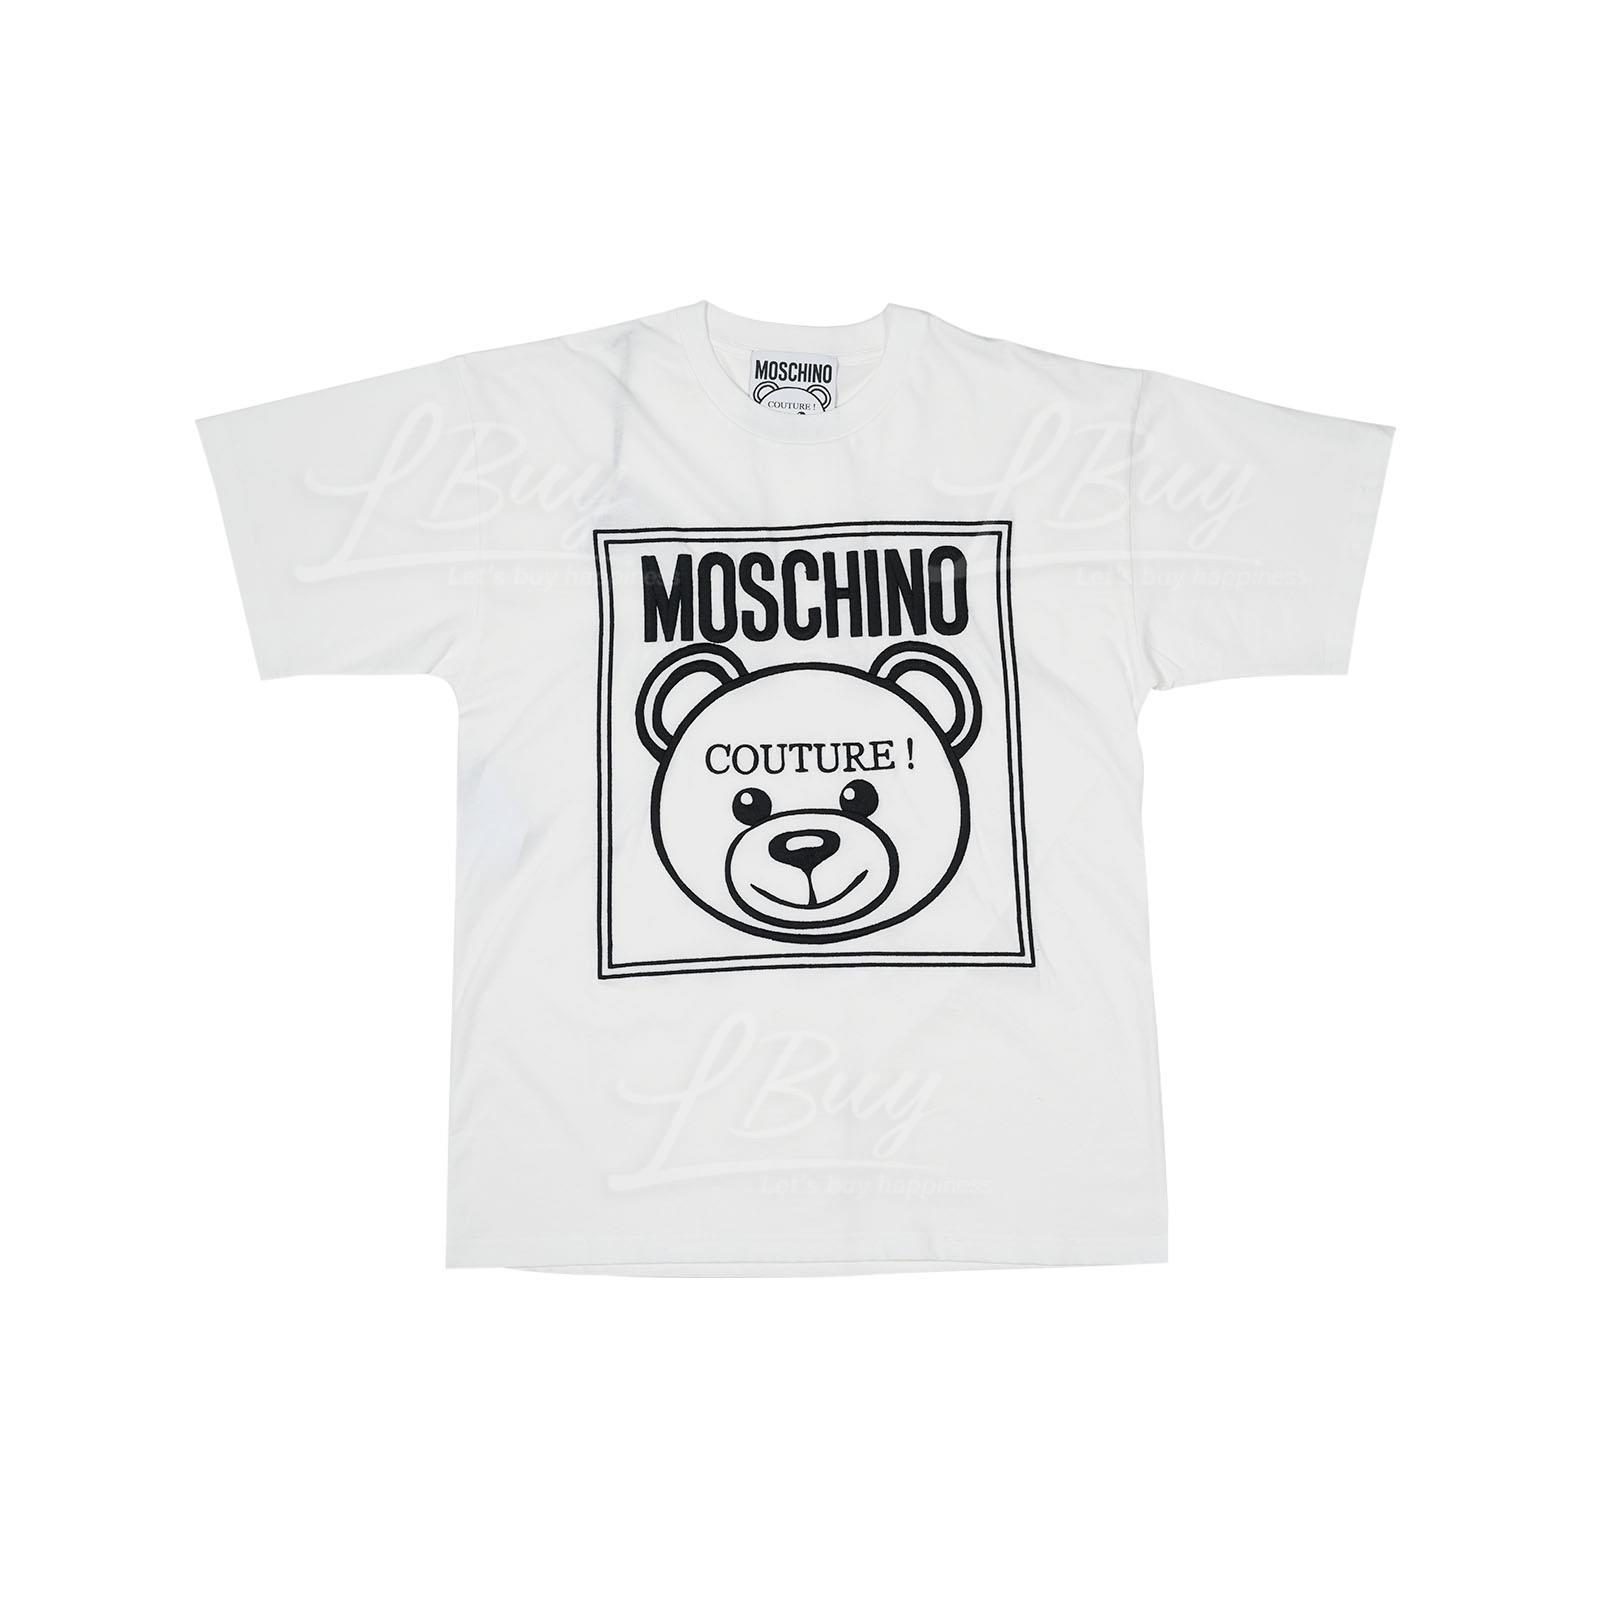 Moschino Couture 刺繡泰迪熊Logo 短袖T恤 白色